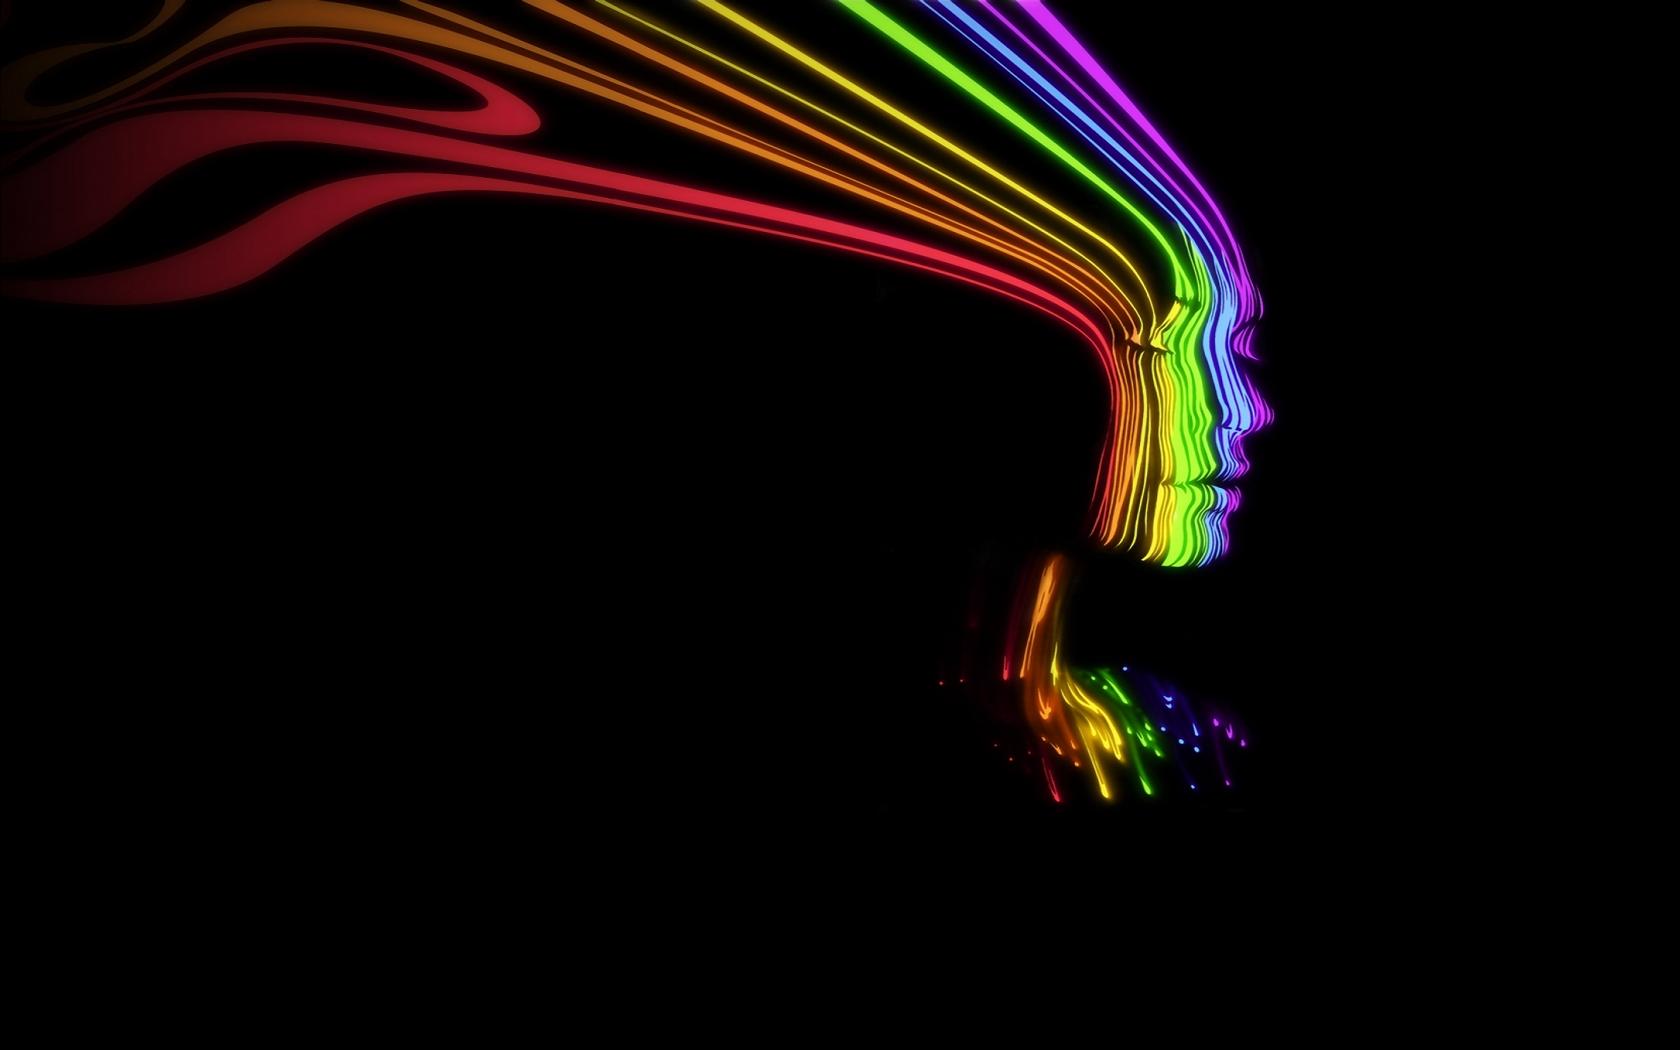 Rainbow Face [1680x1050] Rainbow wallpaper, Rainbow face